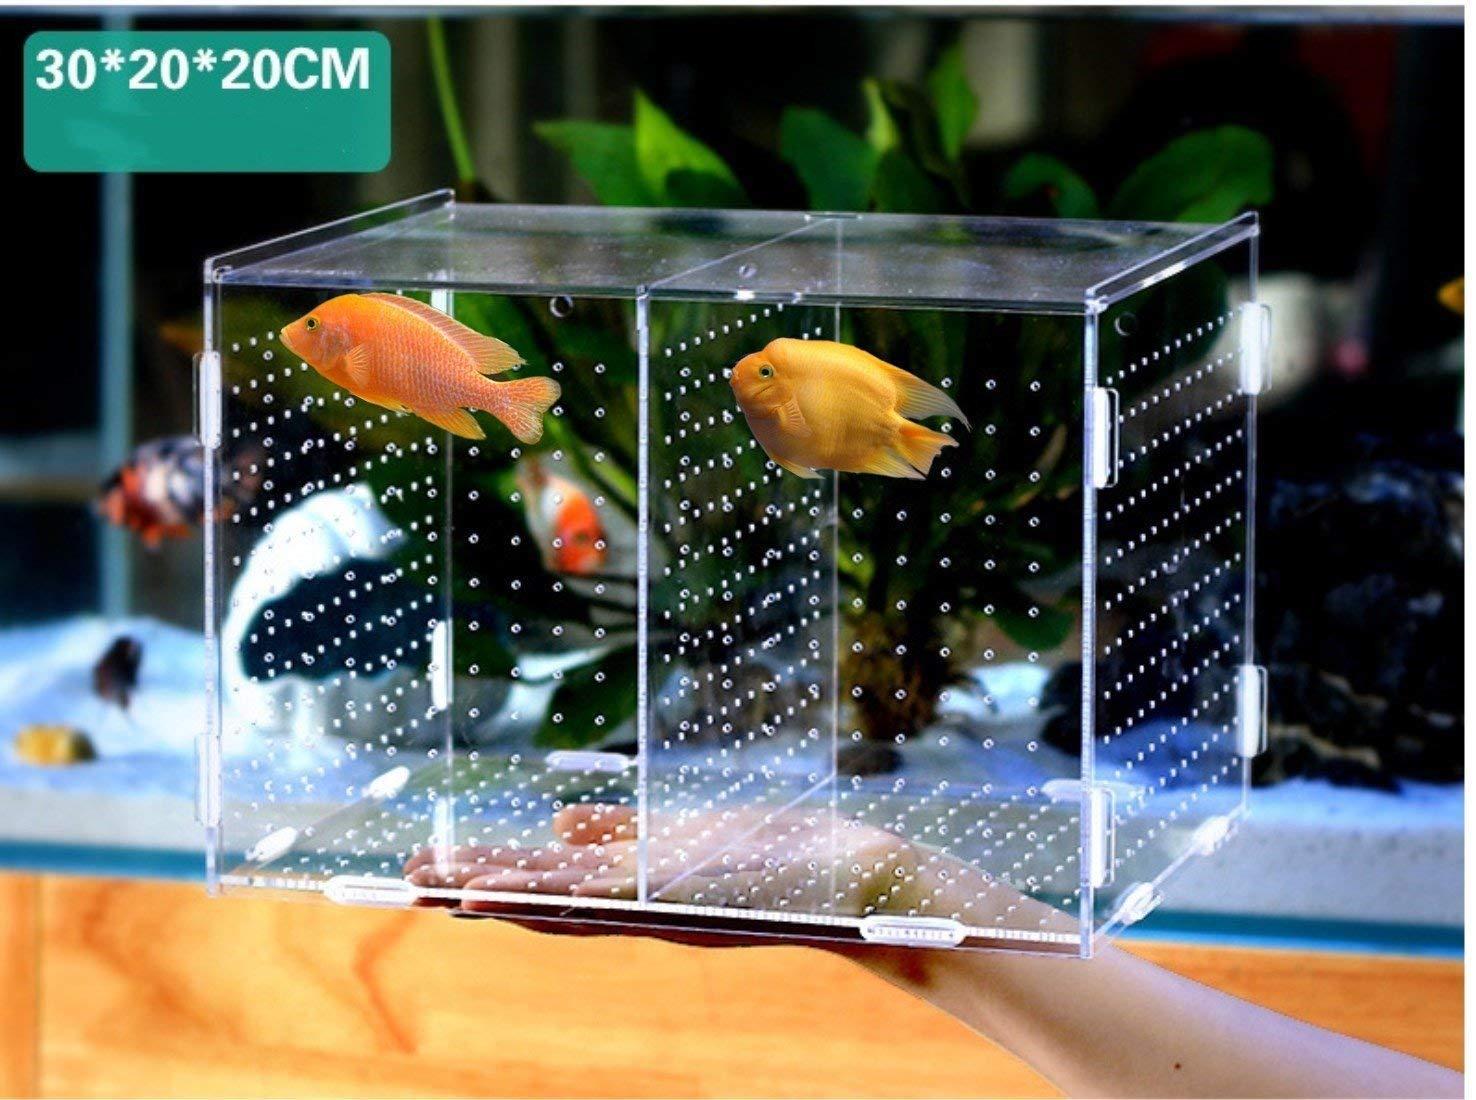 Incubadora de caja de cría colgando aislamiento automático de caja de cría de acuario (Alec transparente 30x20x20 cm L) : Amazon.es: Productos para mascotas